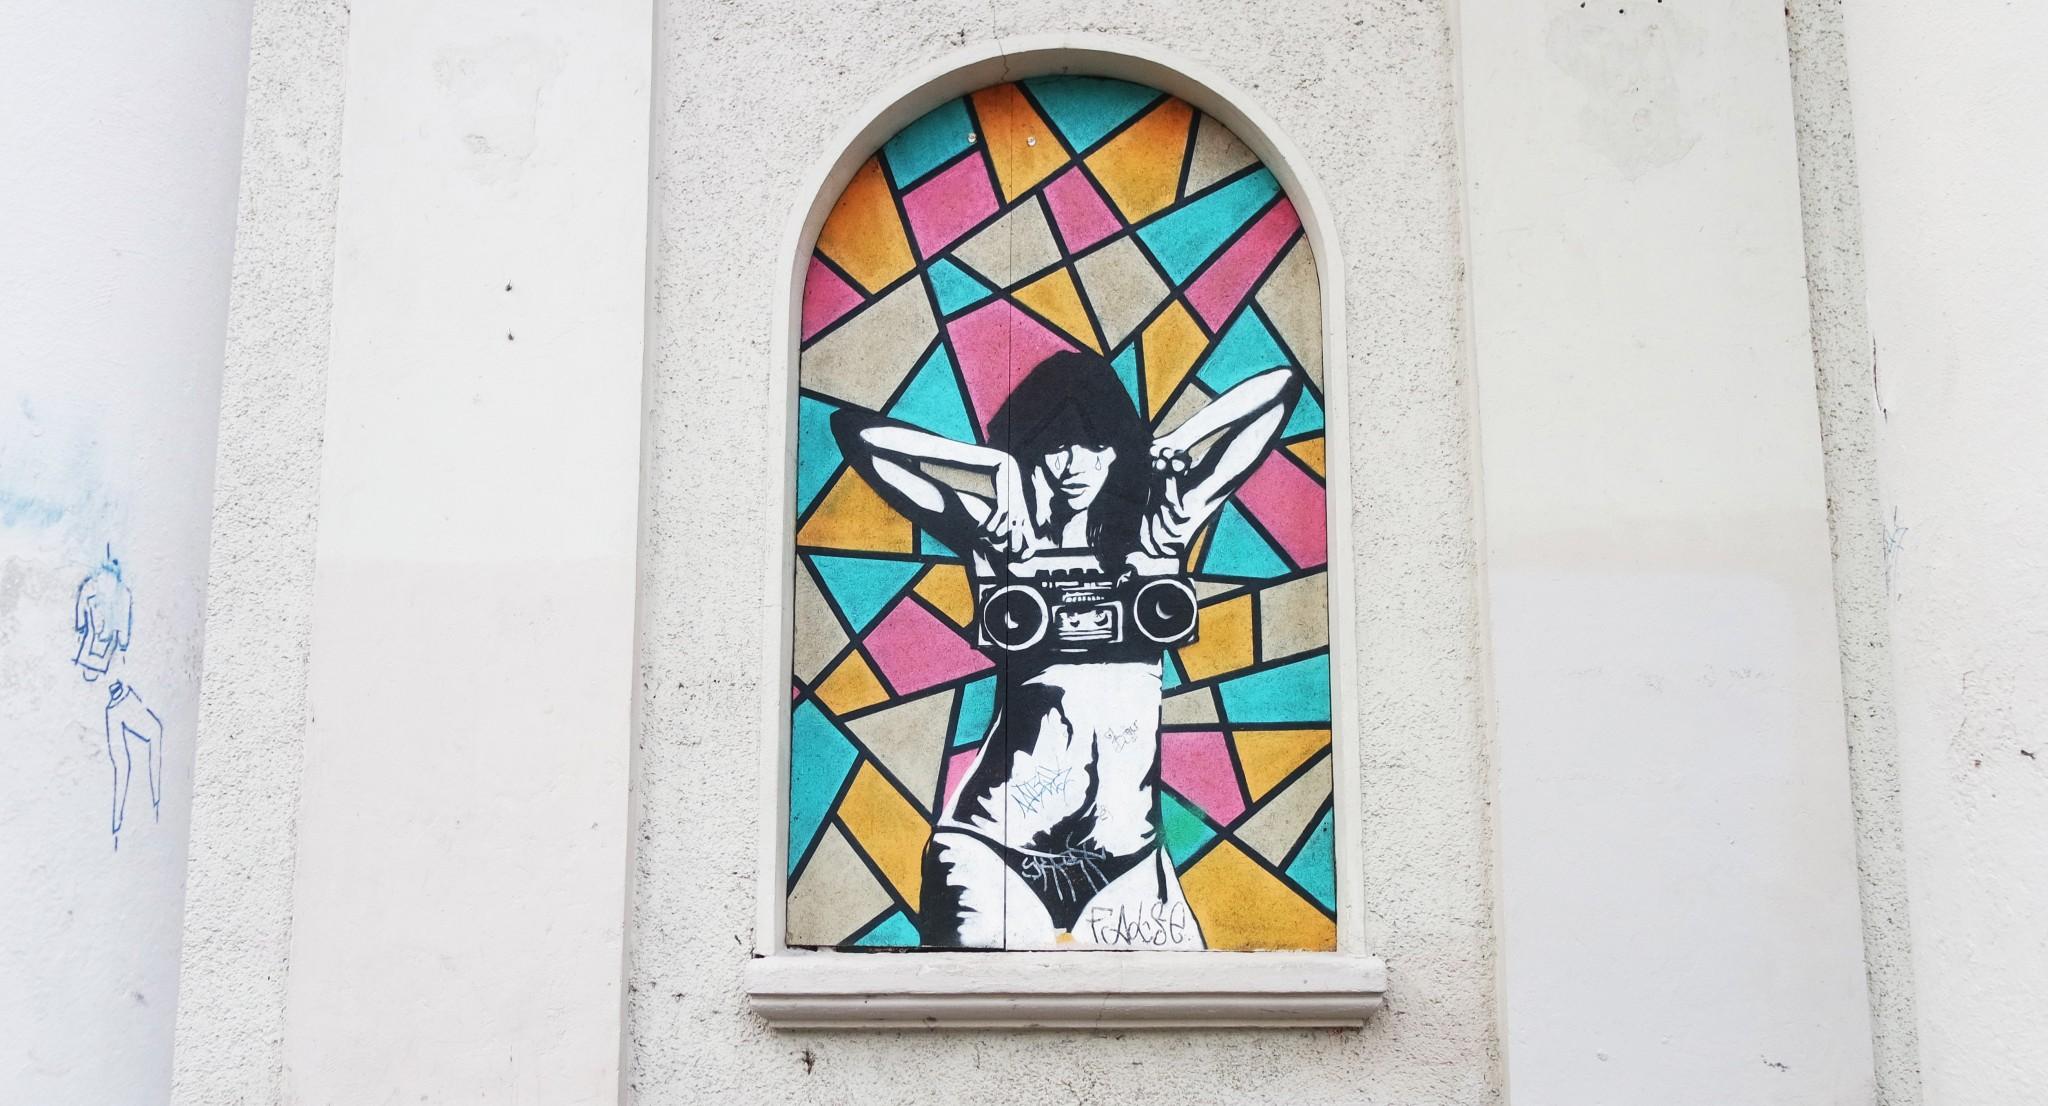 club-kablys-graffiti-music